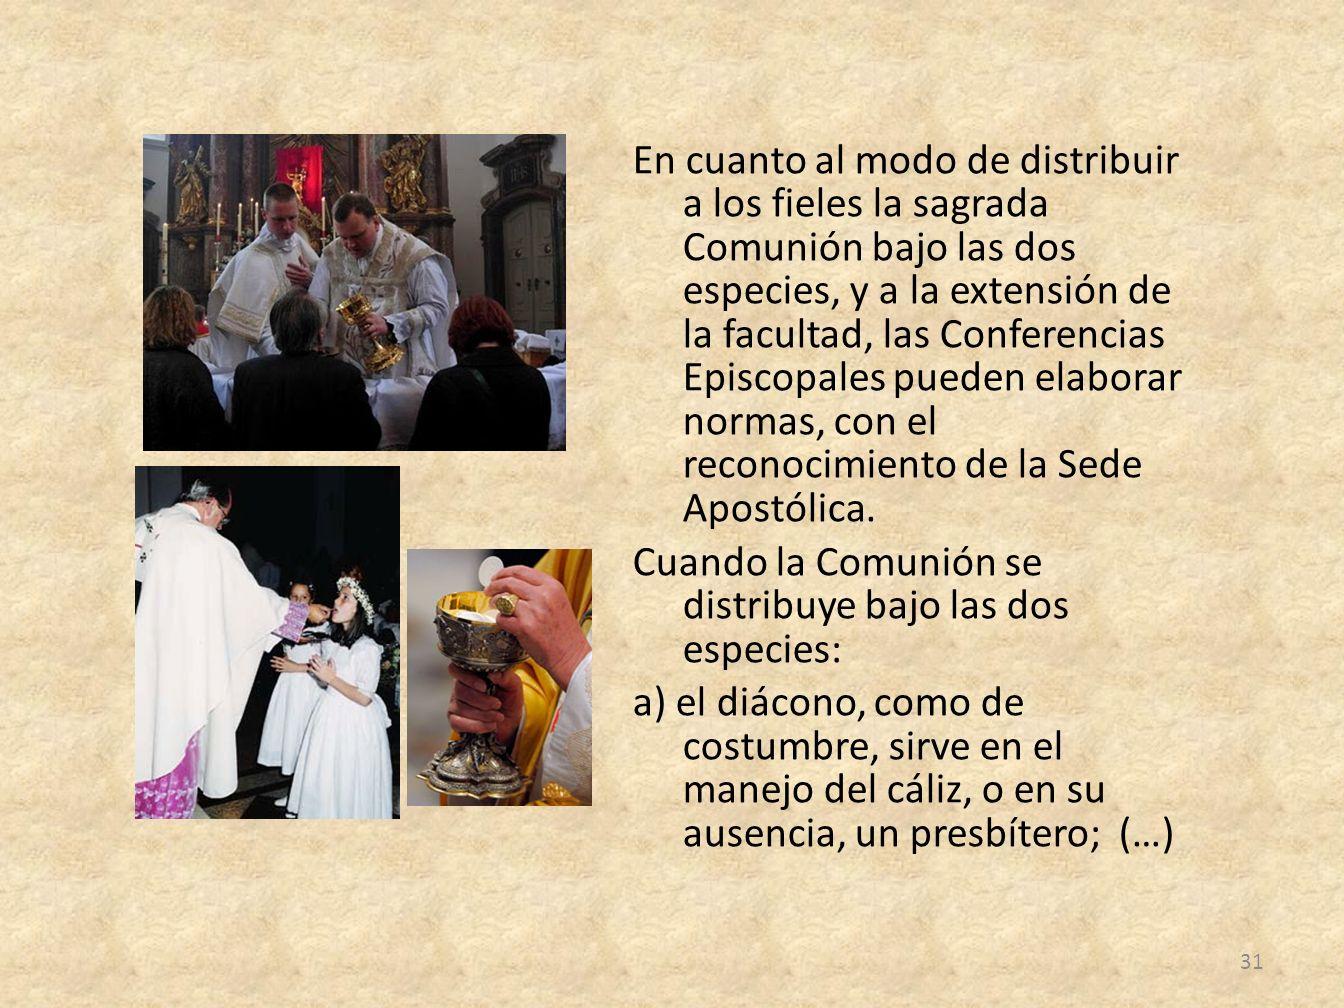 En cuanto al modo de distribuir a los fieles la sagrada Comunión bajo las dos especies, y a la extensión de la facultad, las Conferencias Episcopales